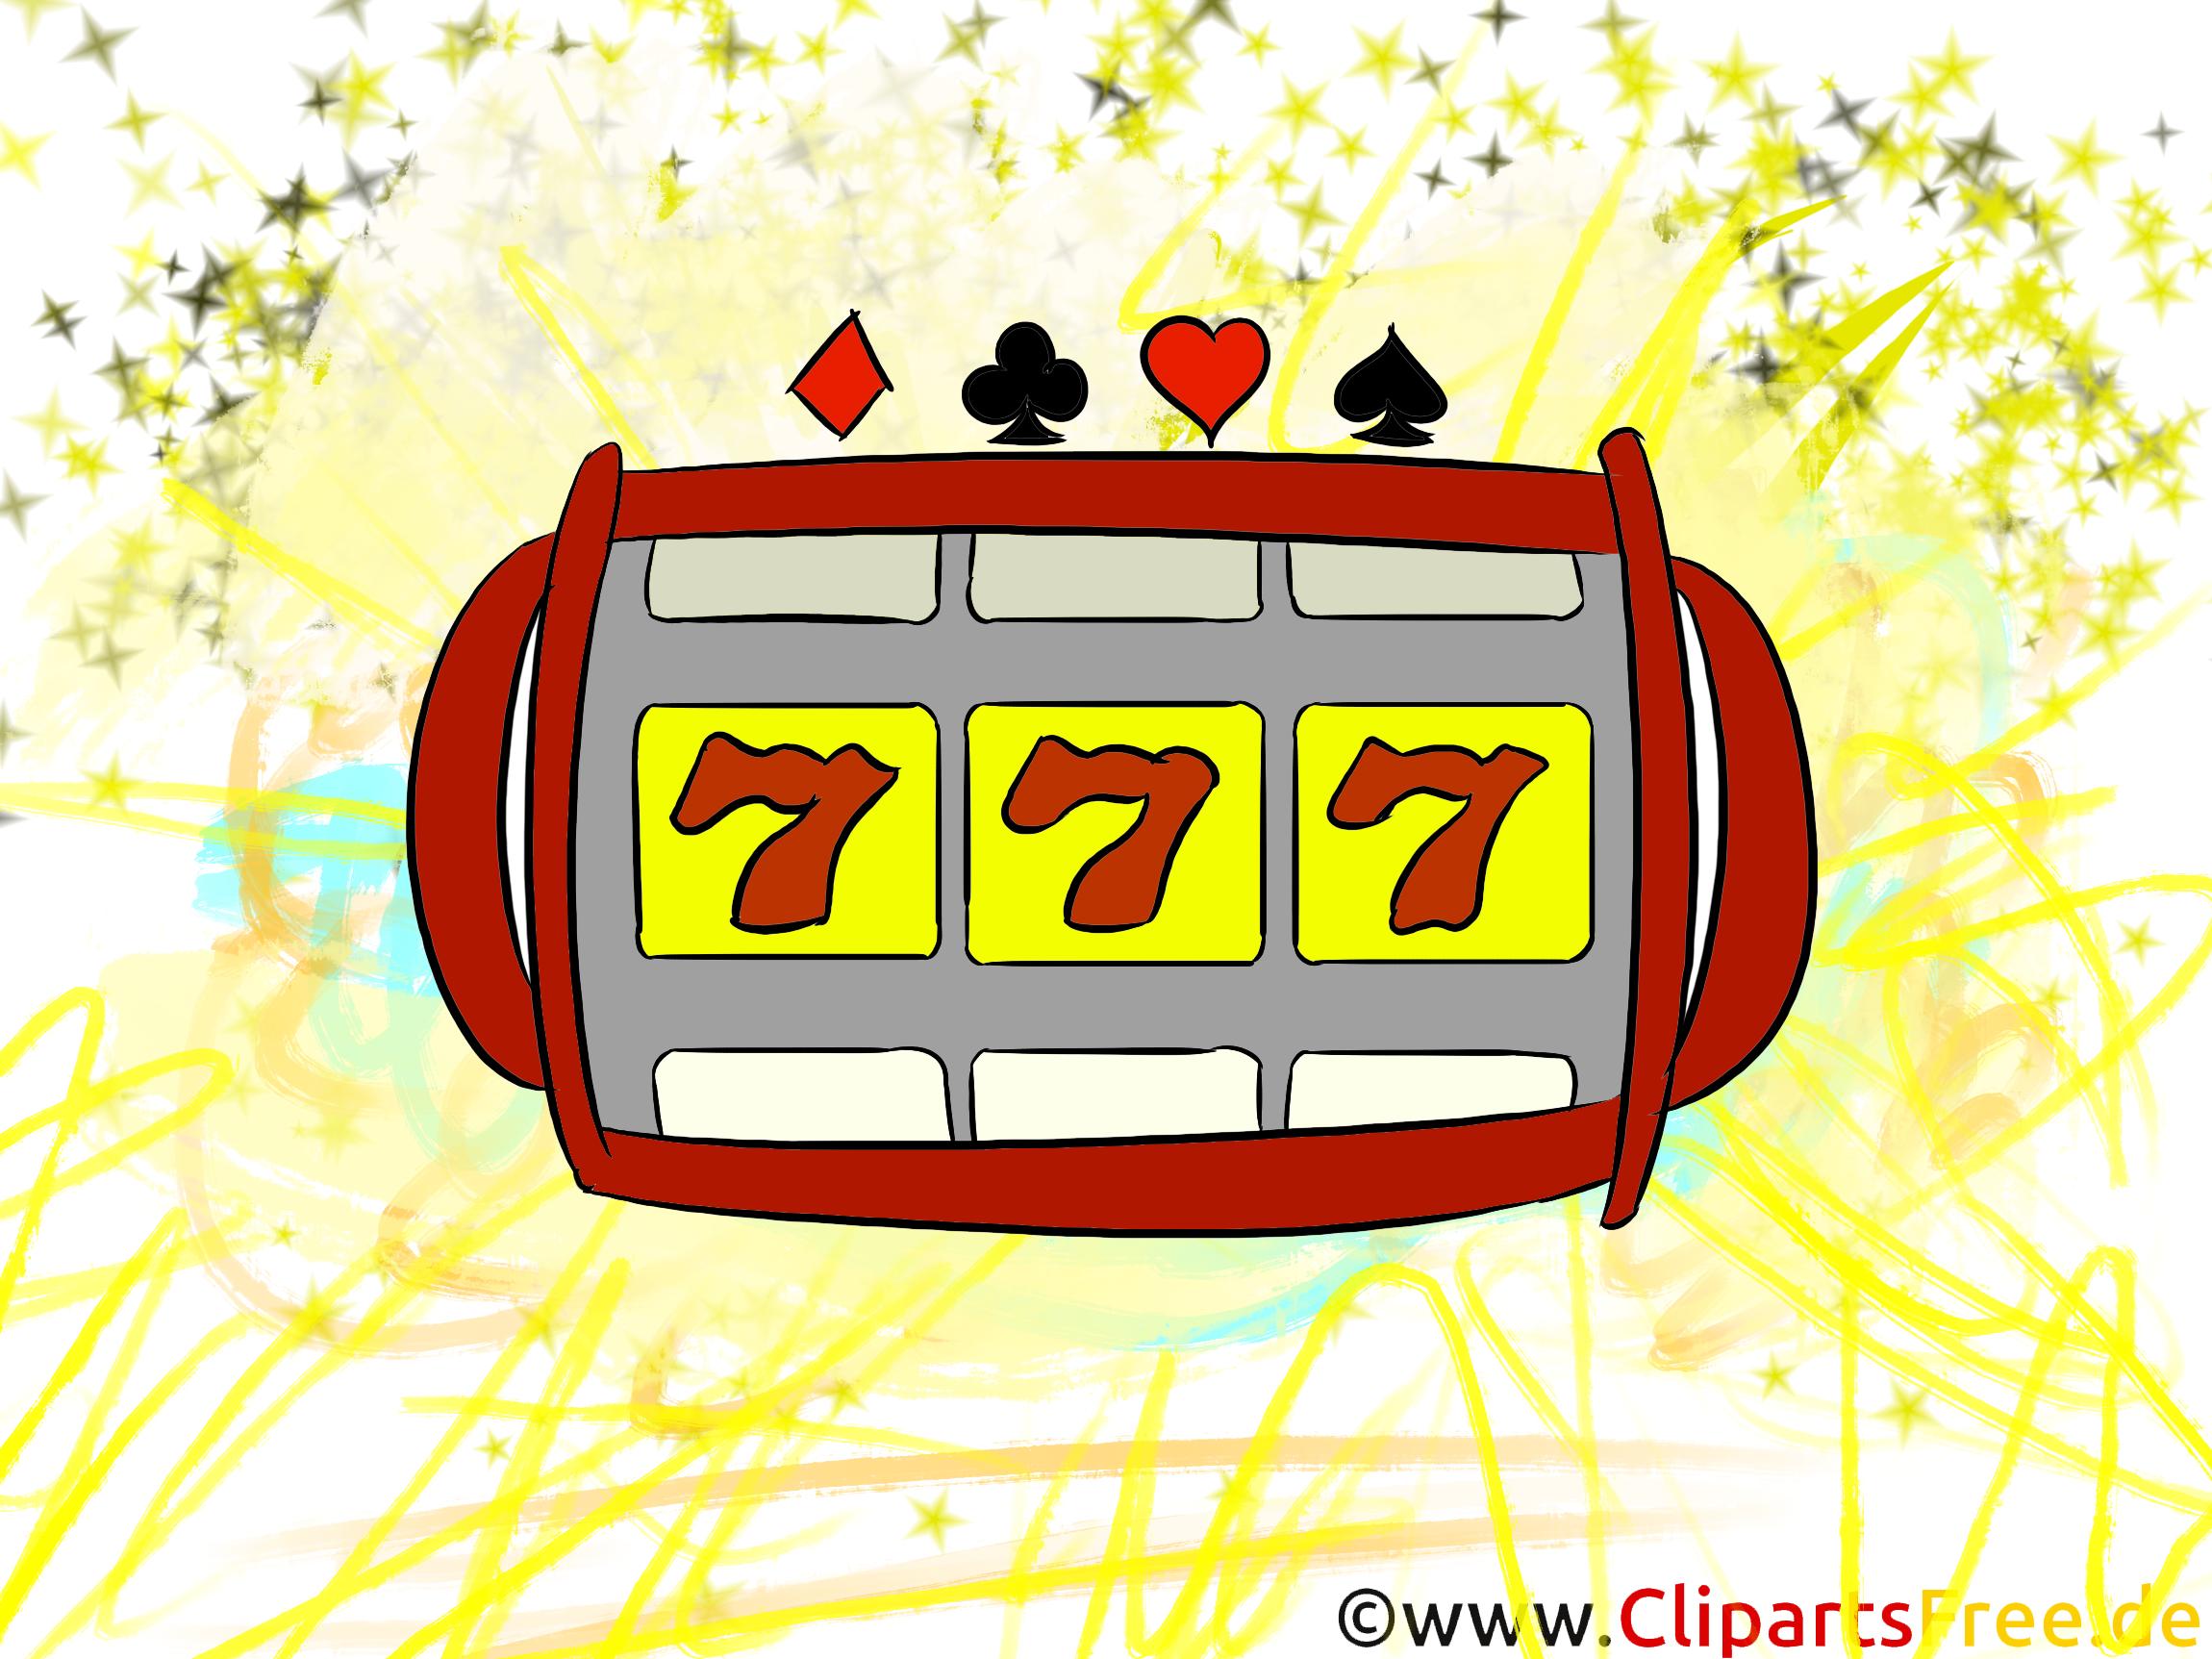 777 Casino Clipart free